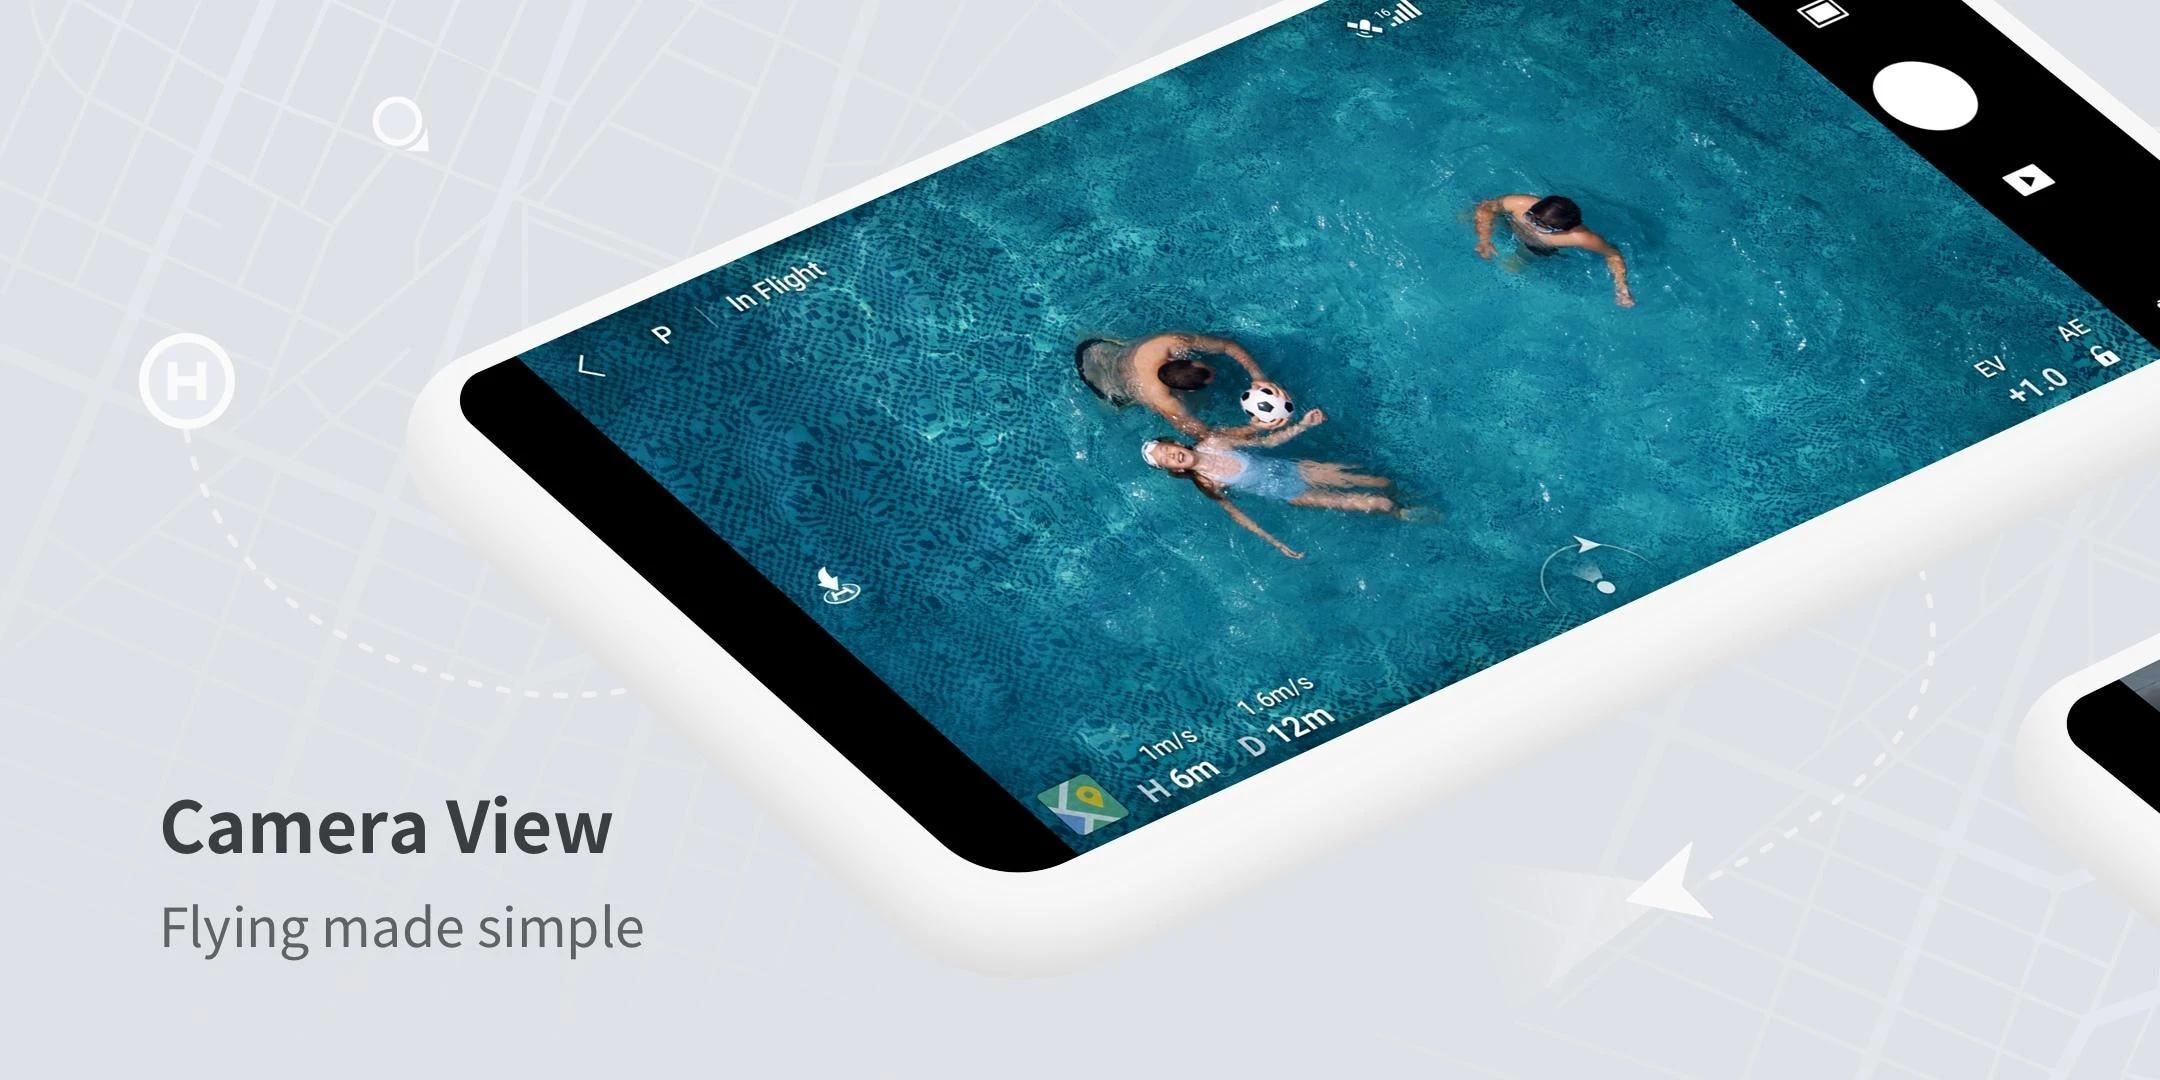 DJI Fly, l'app ufficiale di Mavic Mini, è finalmente disponibile nel Play Store